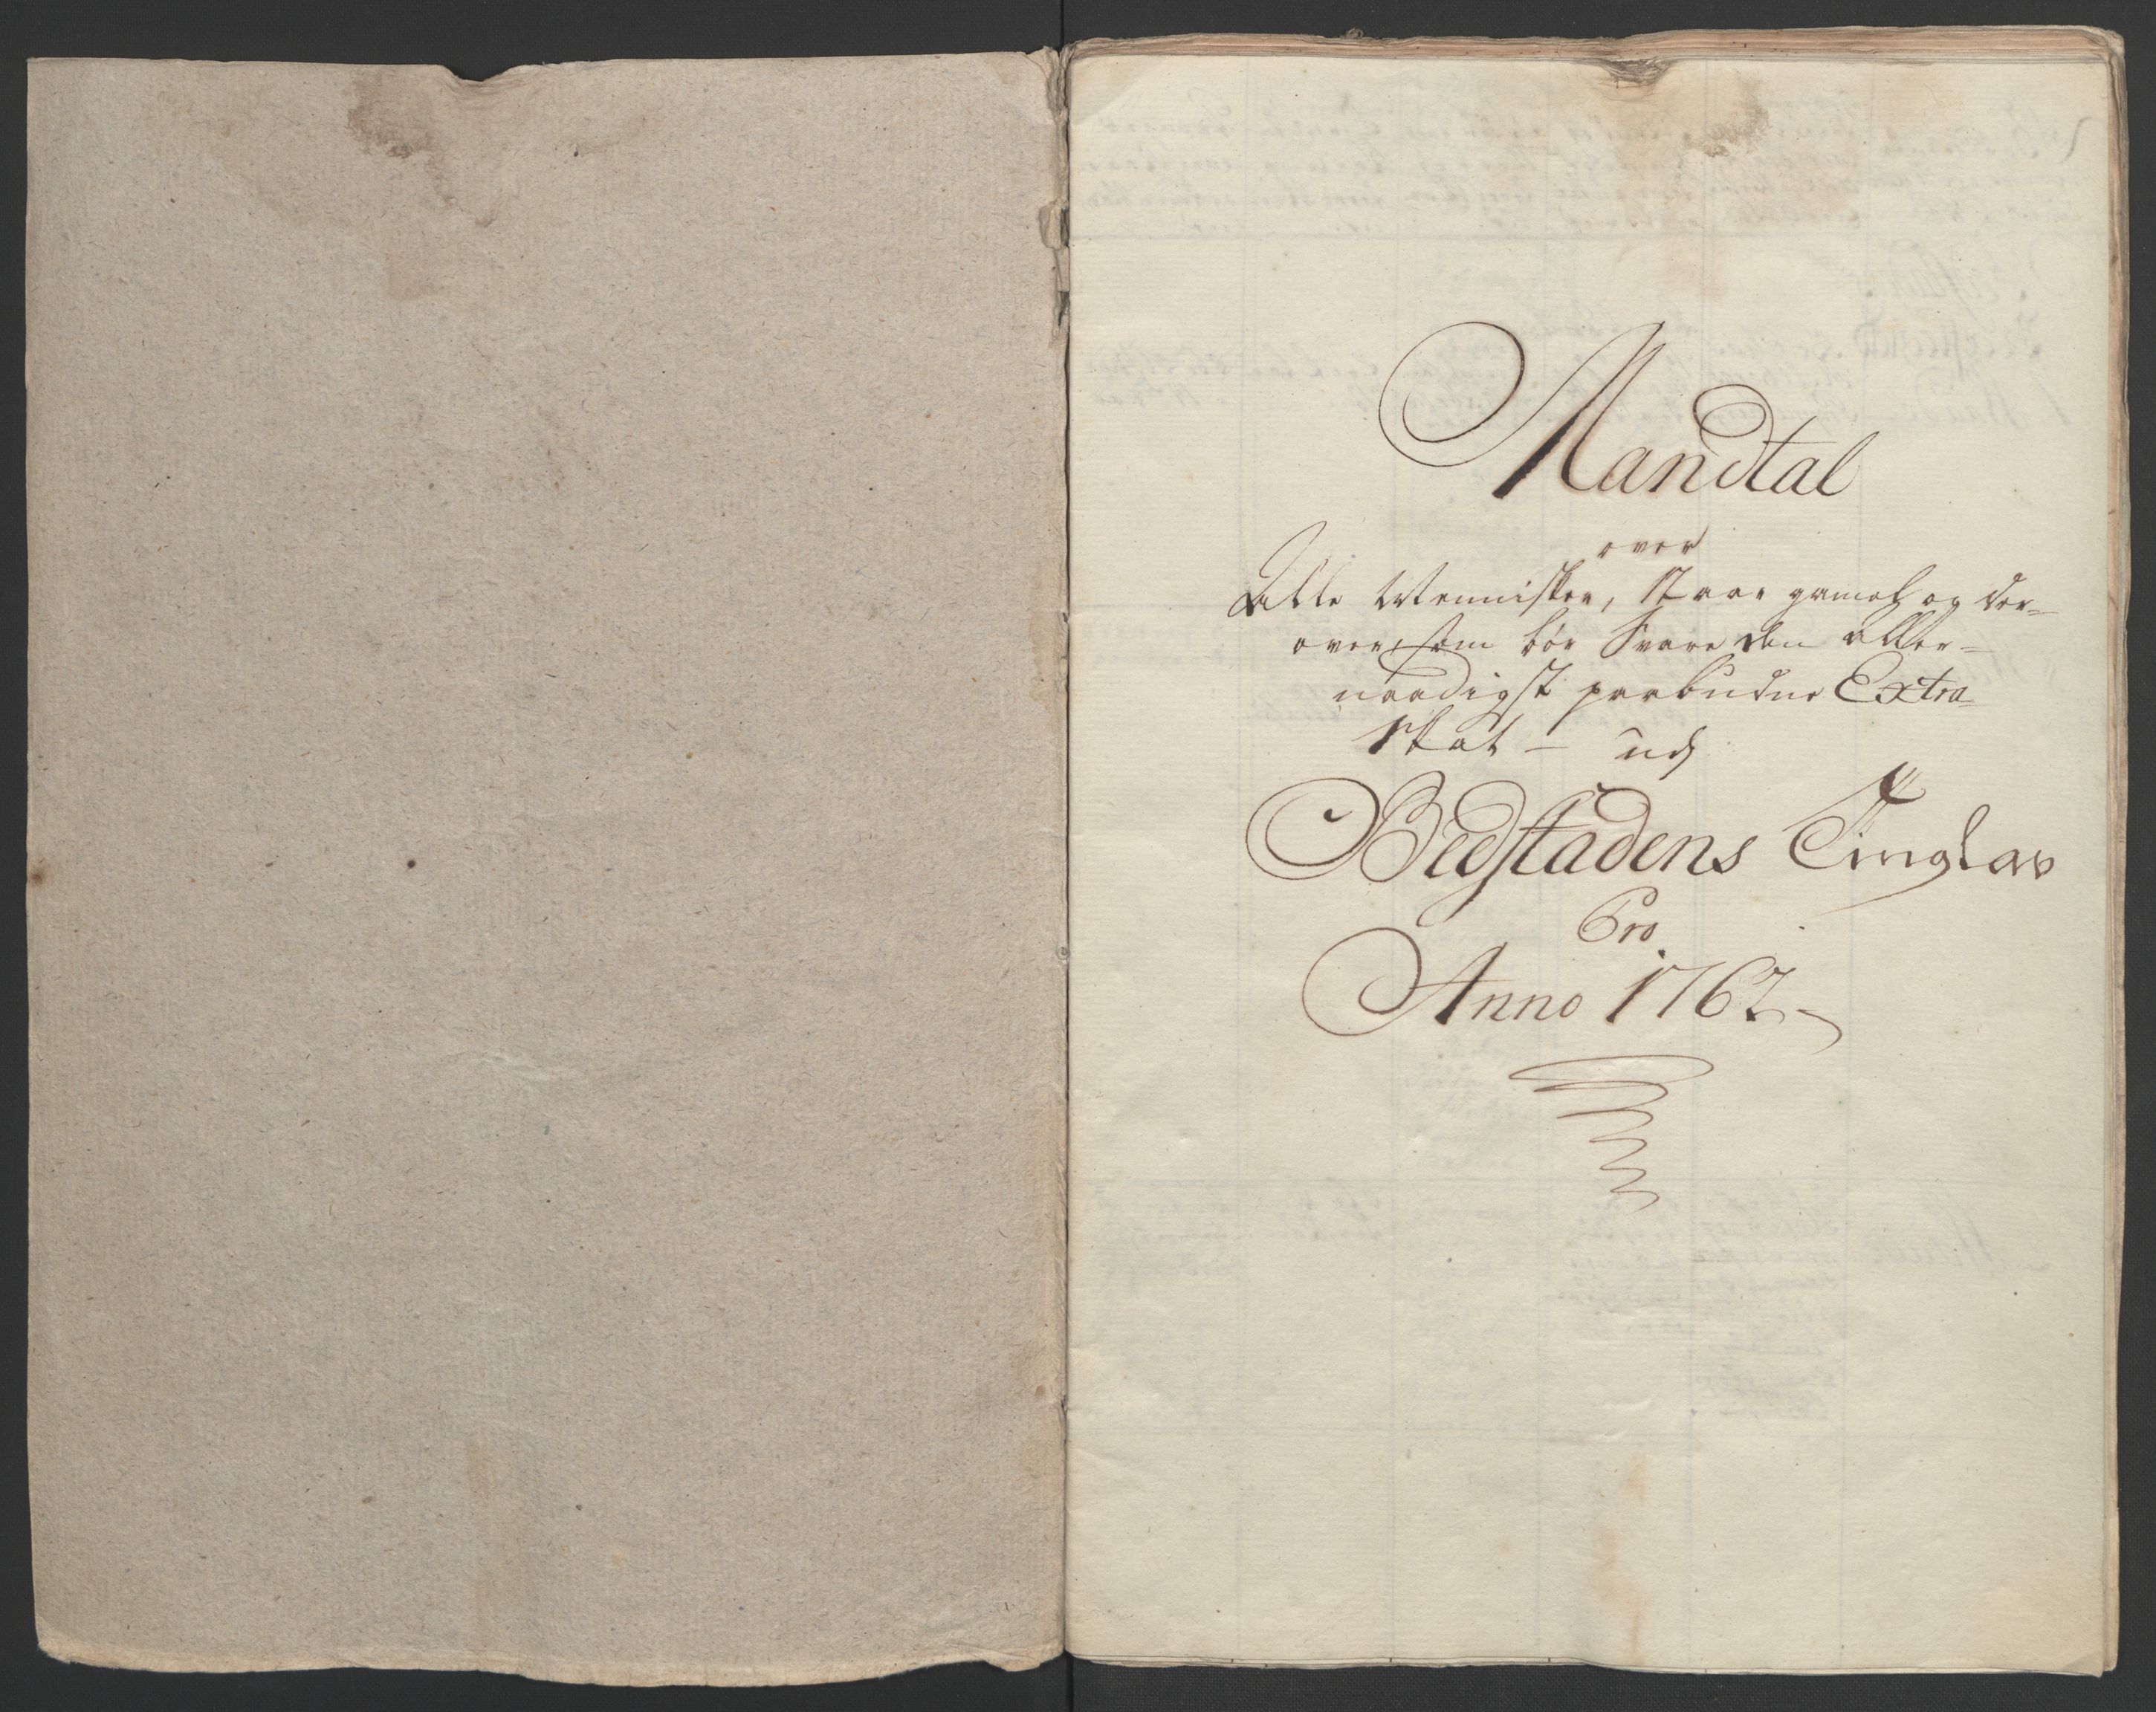 RA, Rentekammeret inntil 1814, Realistisk ordnet avdeling, Ol/L0020: [Gg 10]: Ekstraskatten, 23.09.1762. Romsdal, Strinda, Selbu, Inderøy., 1762-1764, s. 65